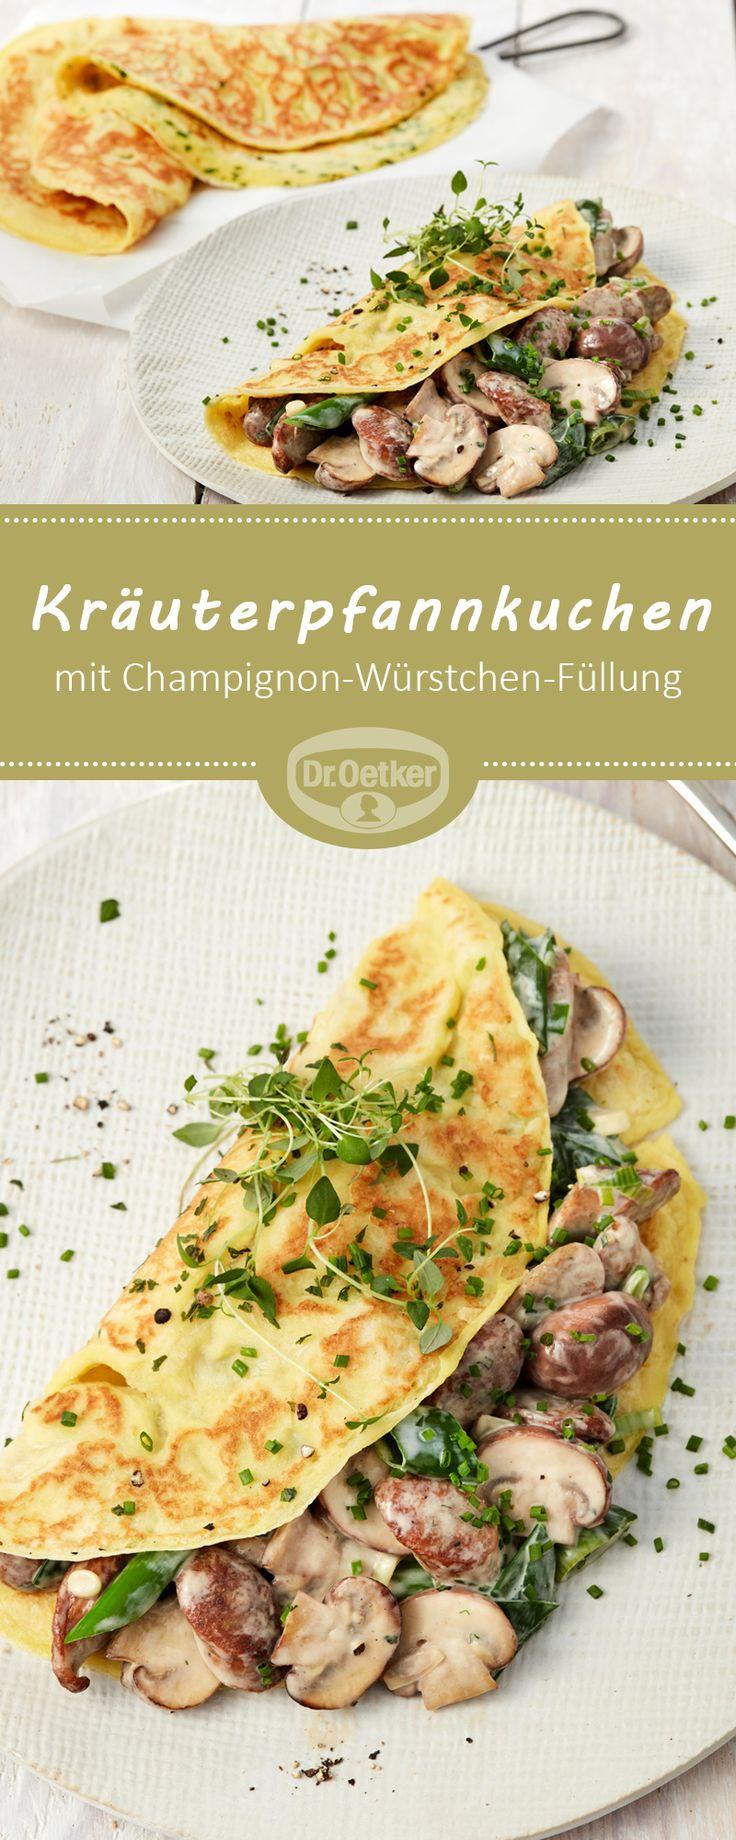 Kräuterpfannkuchen mit Champignon-Würstchen-Füllung: Pikante Pfannkuchen mit einer Gemüse-Würstchen-Füllung für jeden Tag